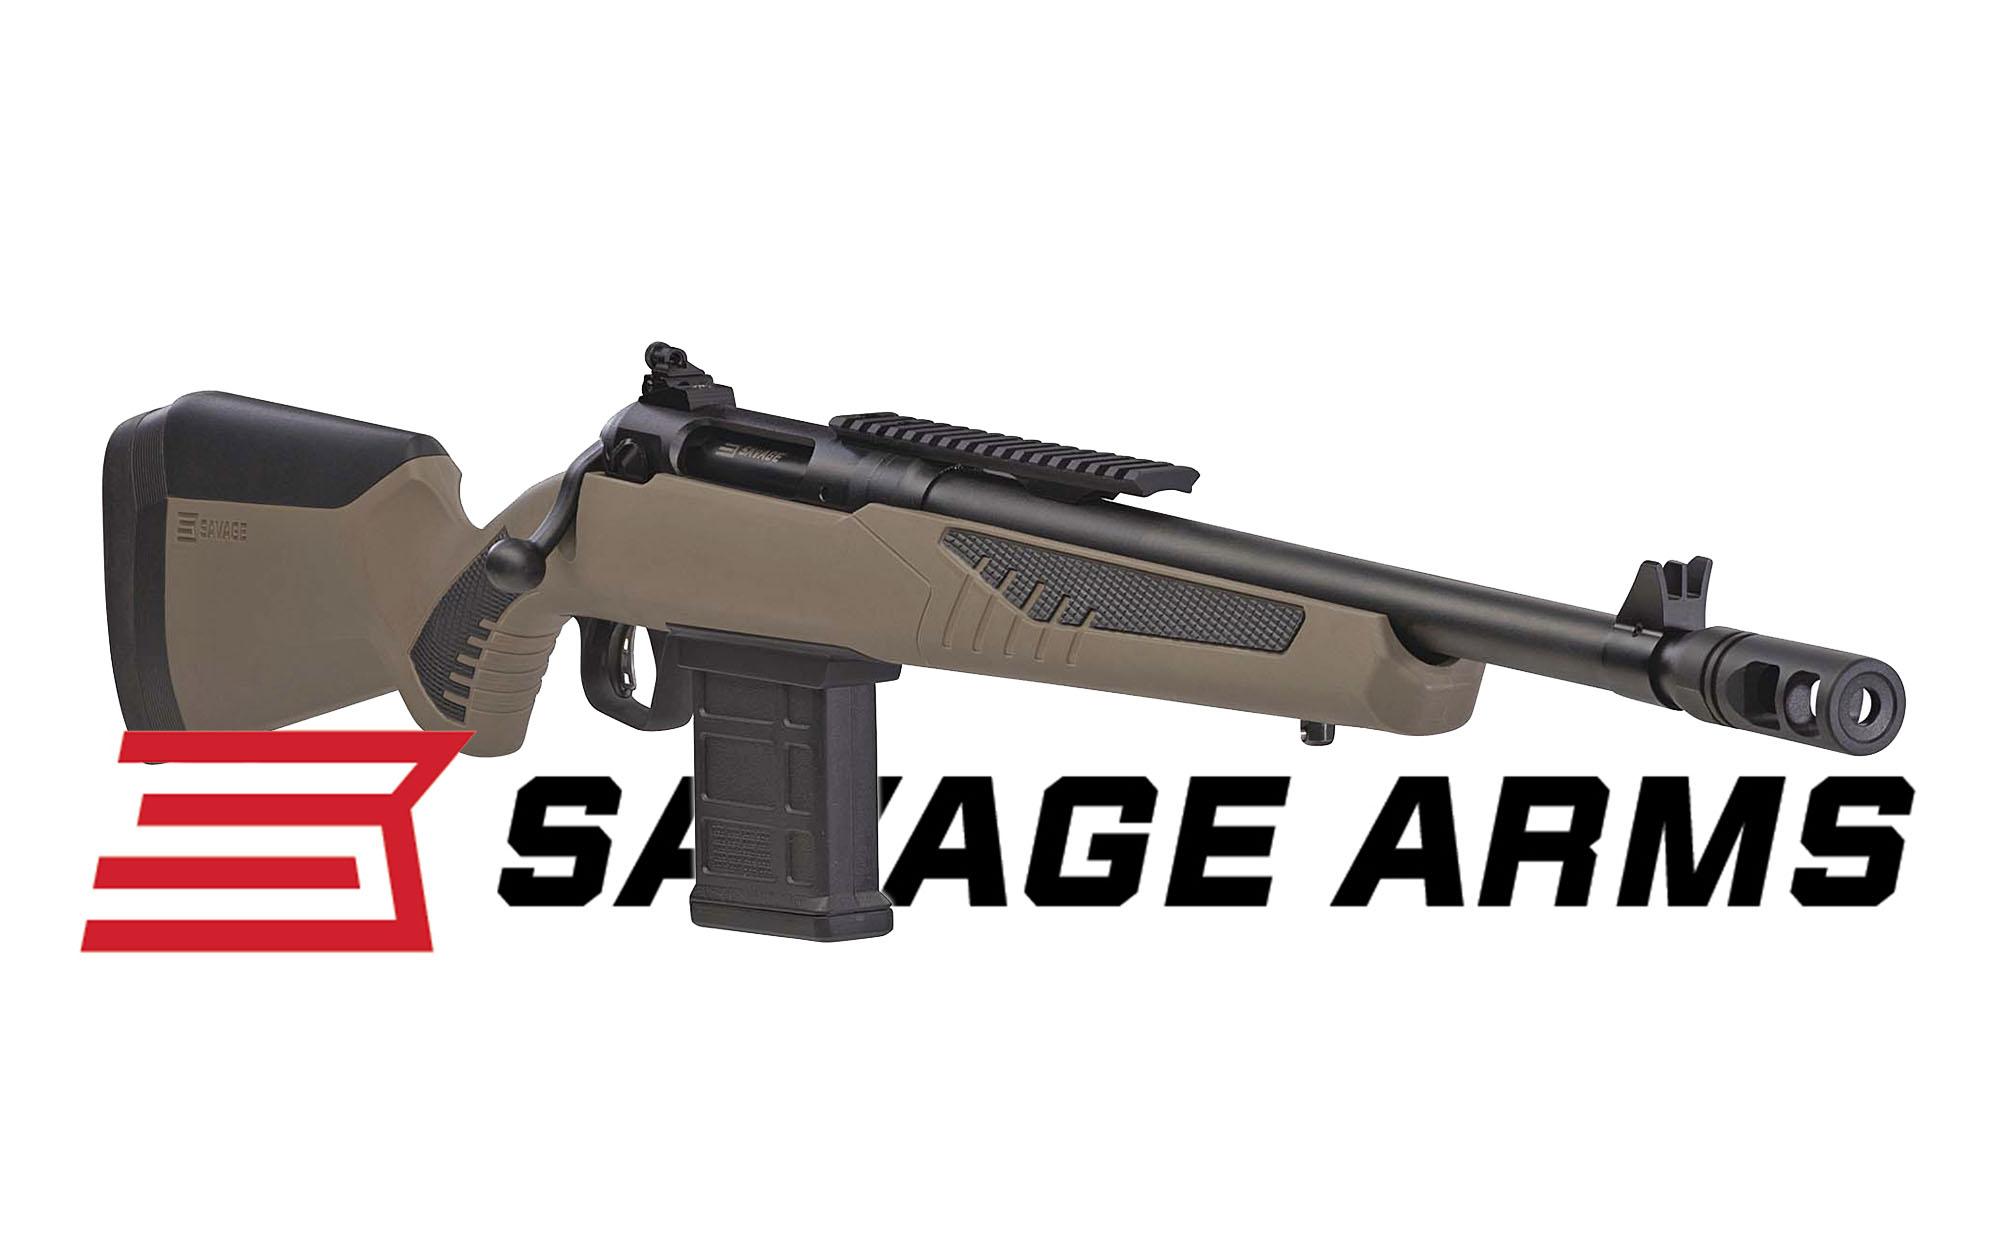 Eladták a Savage fegyvergyárat